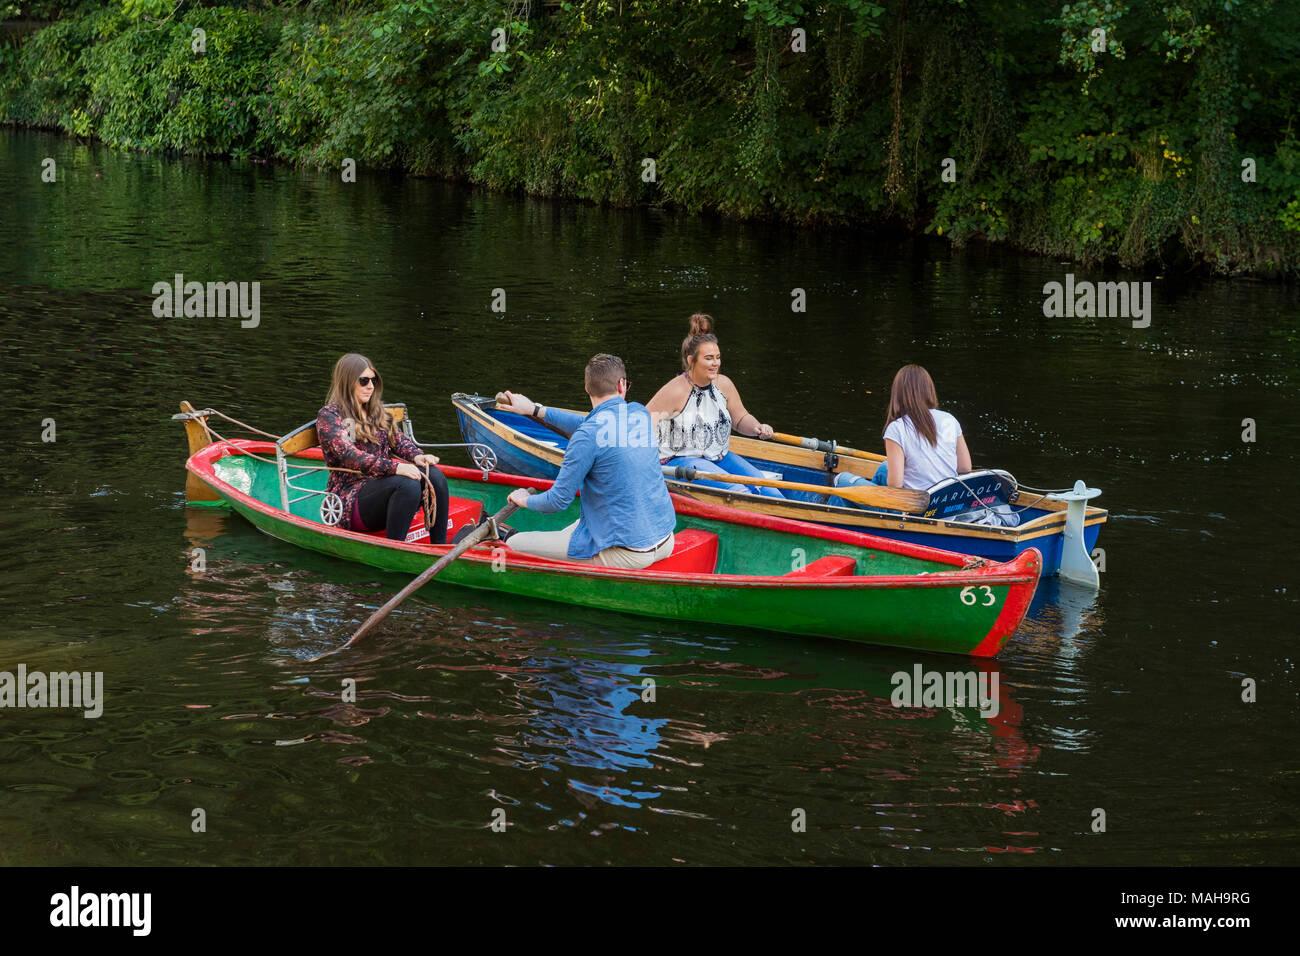 4 personas en barca en pares, relajarse y divertirse en 2 botes a remo al lado y a punto de chocar - Río Nidd en verano, Knaresborough, Inglaterra, Reino Unido. Imagen De Stock